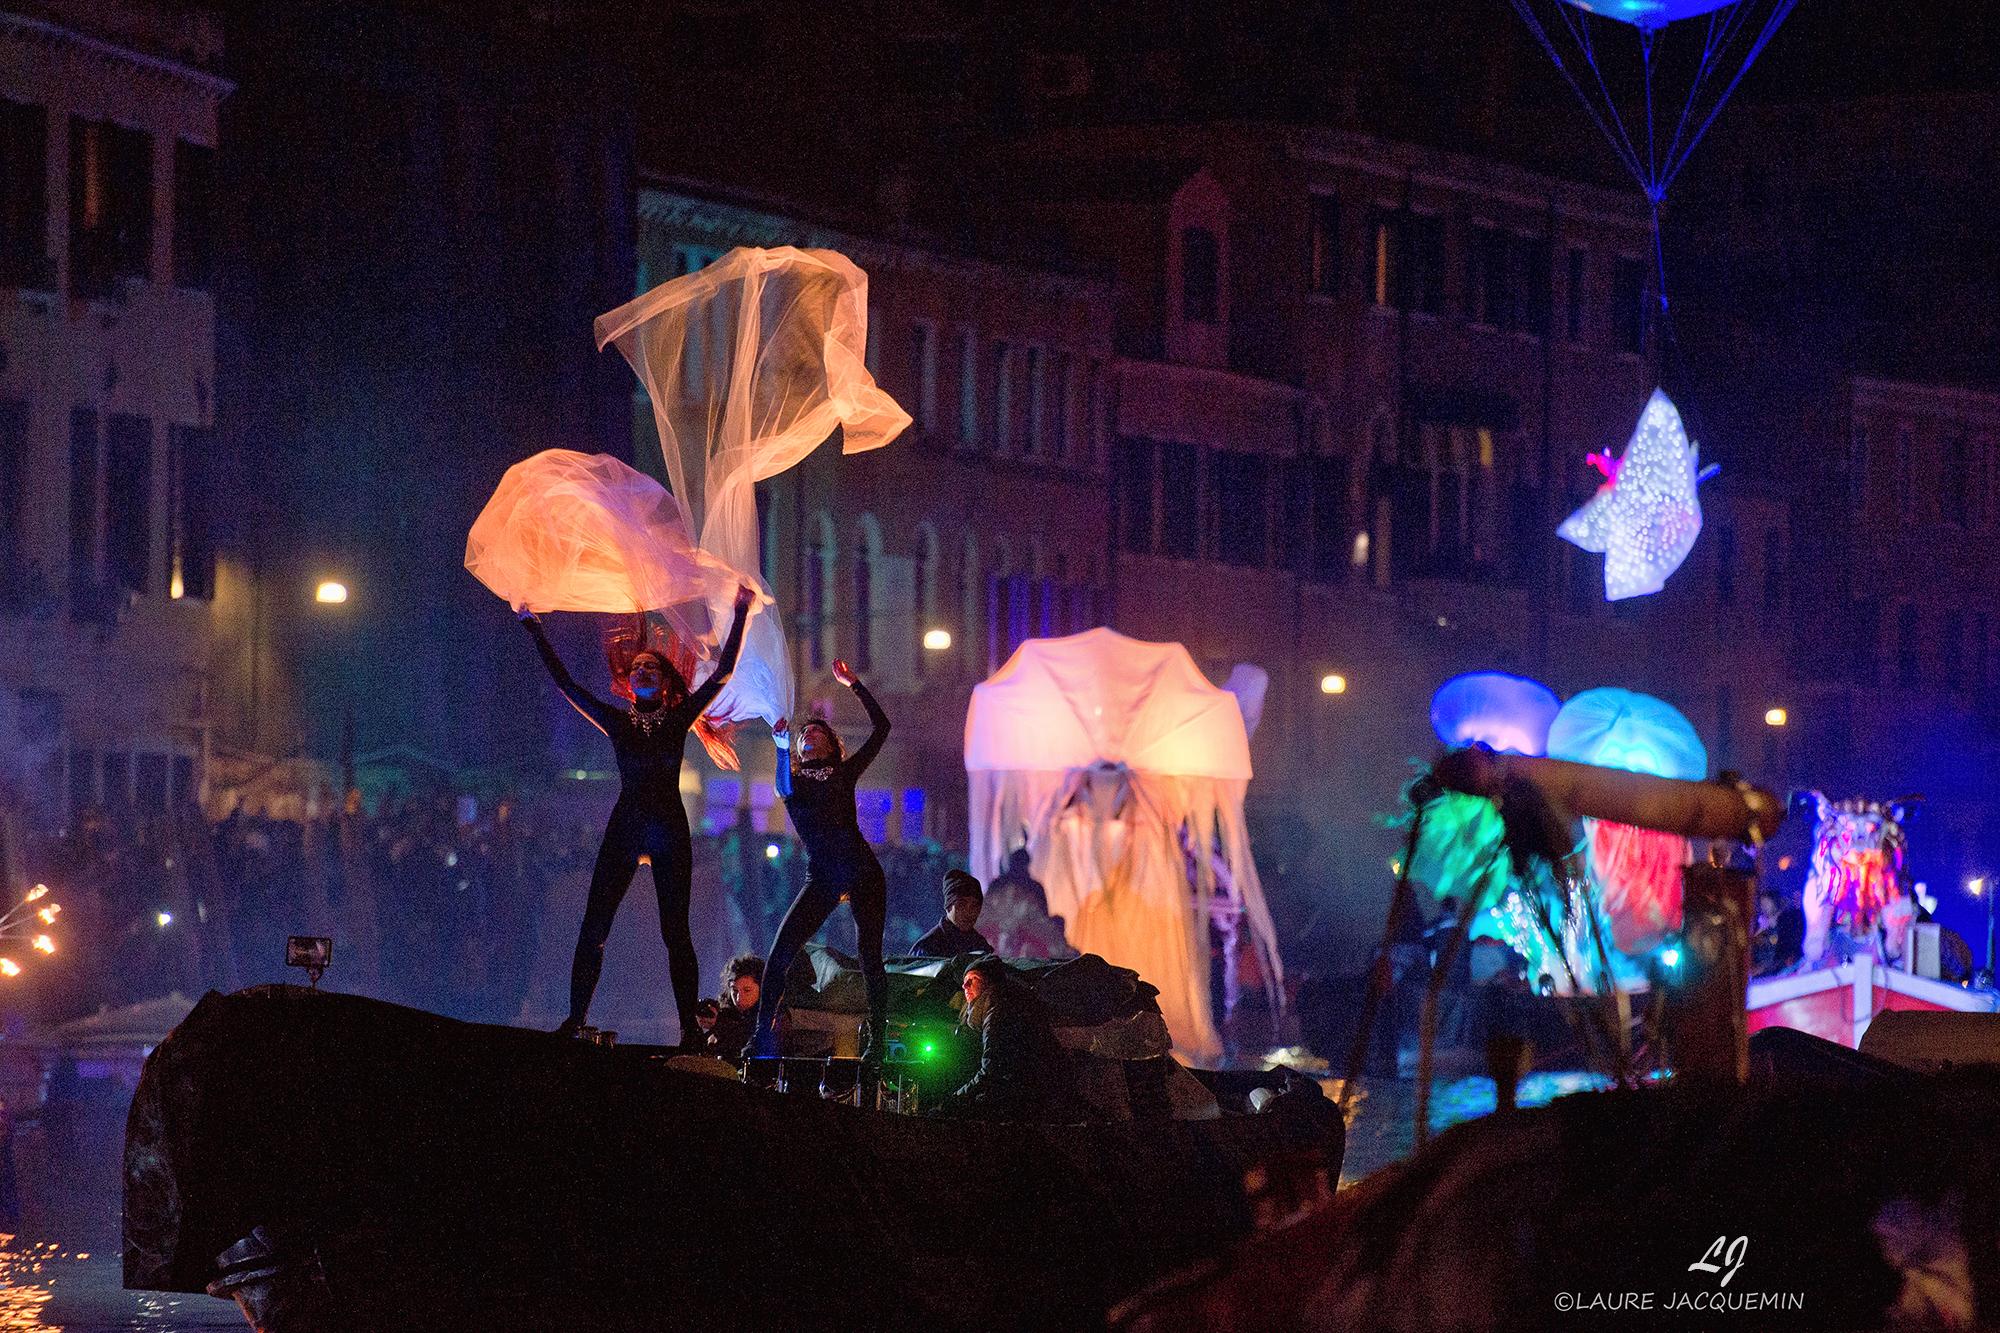 Meilleur photos Carnaval de Venise 2018 laure jacquemin (93)